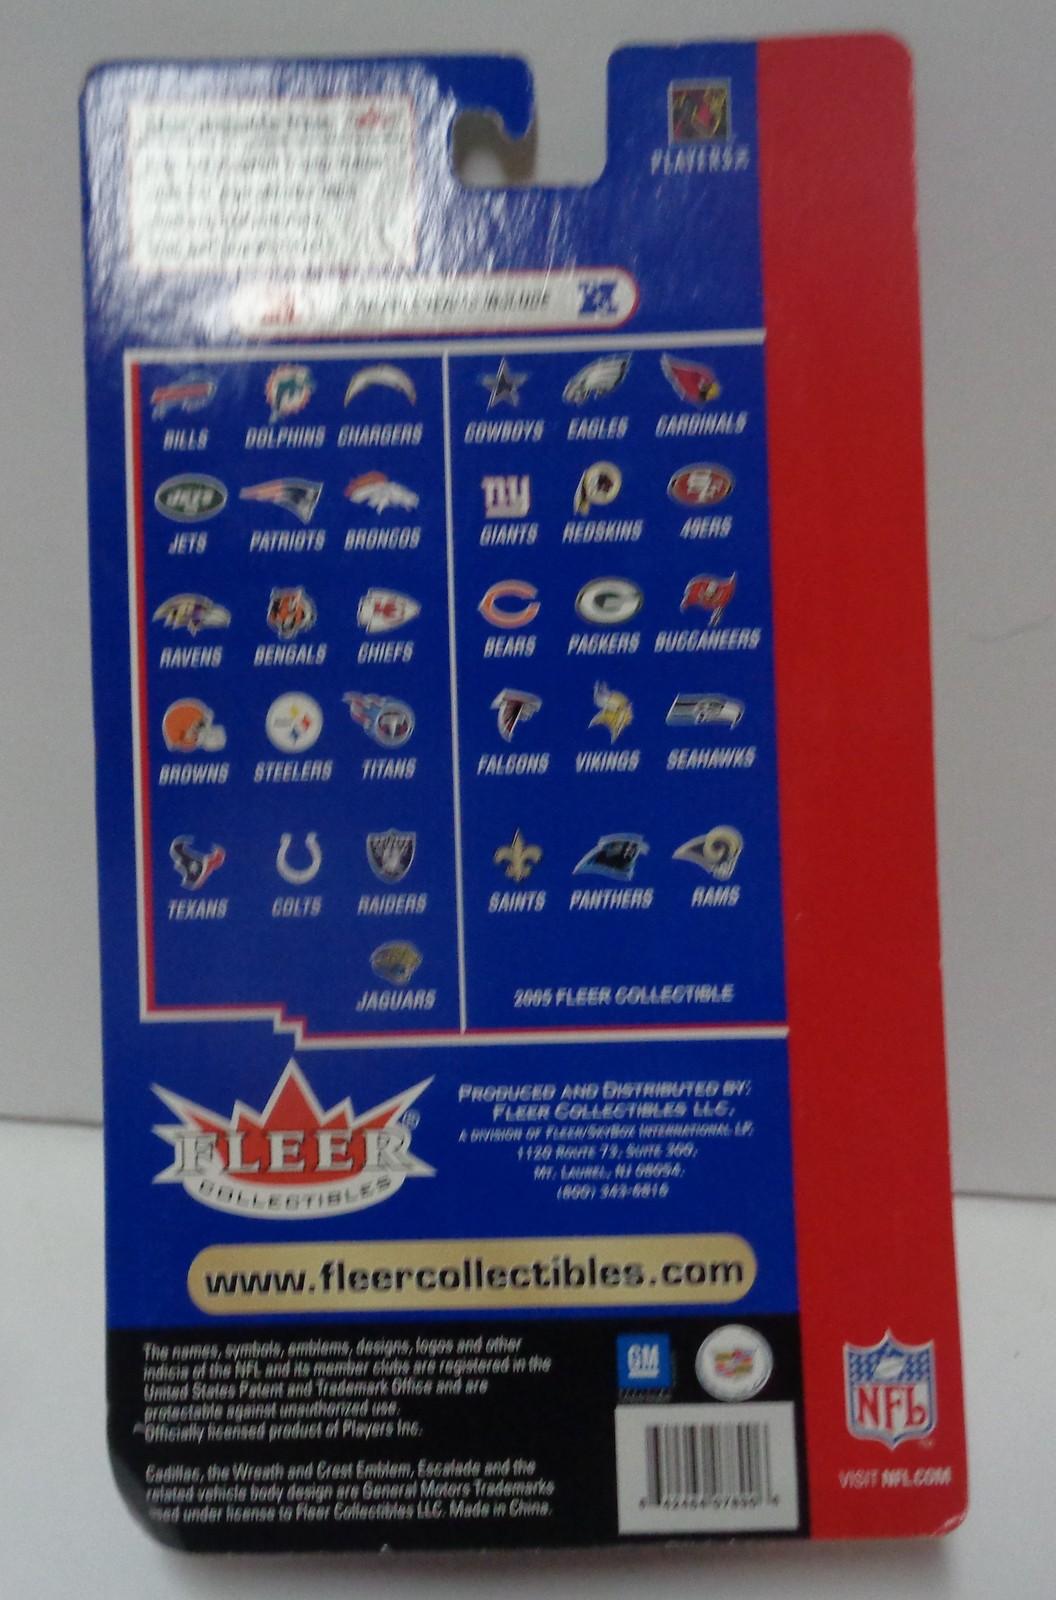 NFL Limited Edition Escalade Terrell Owens Players Card NIB